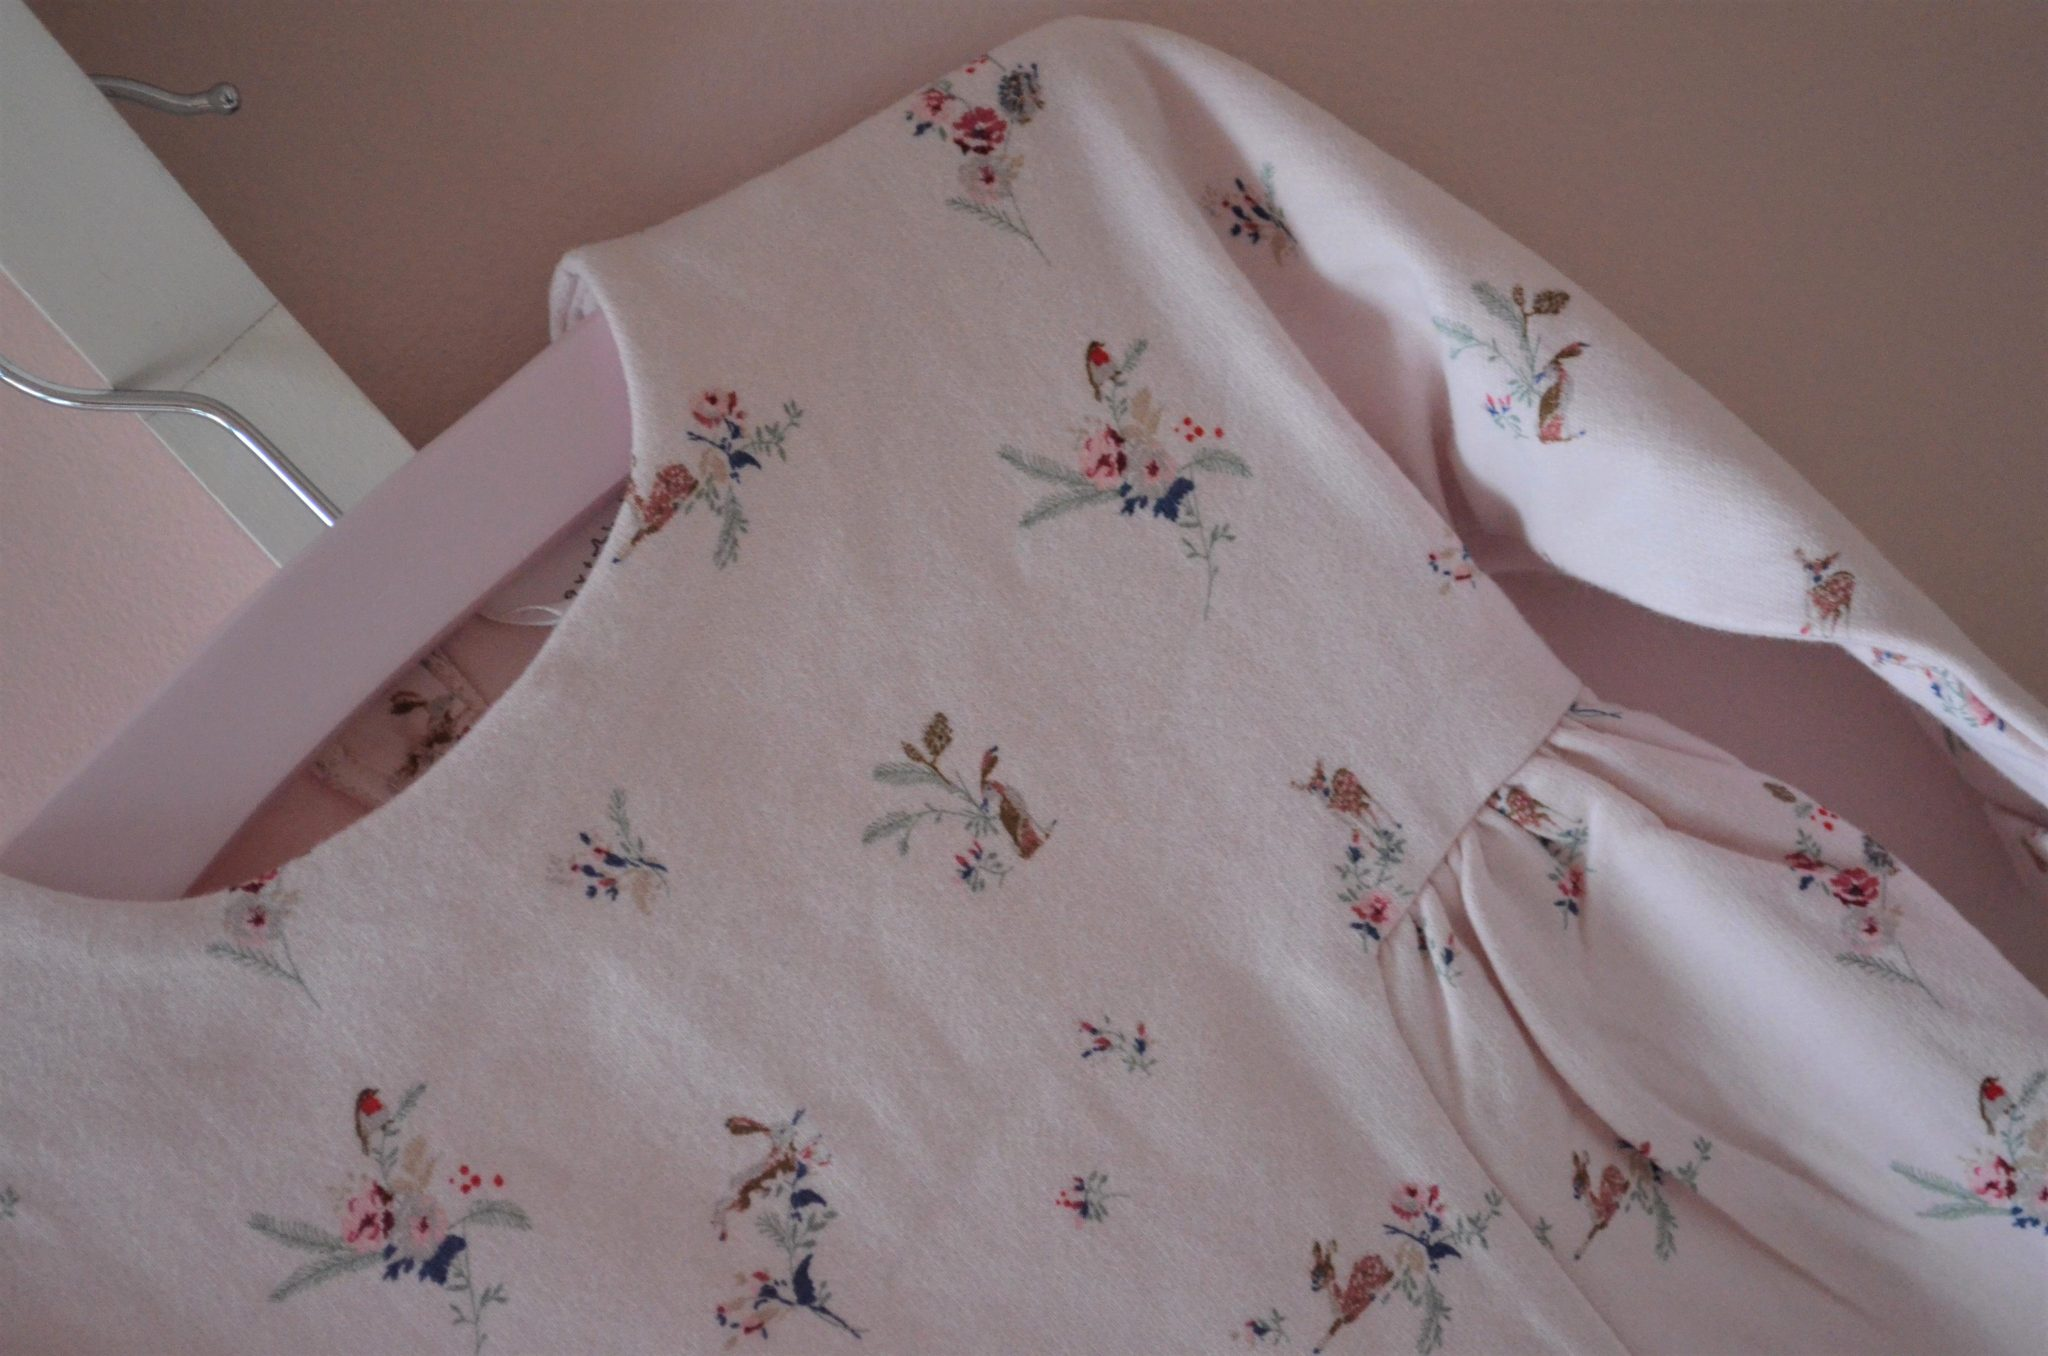 DSC 0346 4928x3264 - Herfstkleding voor Hazel van de H&M en Next Direct